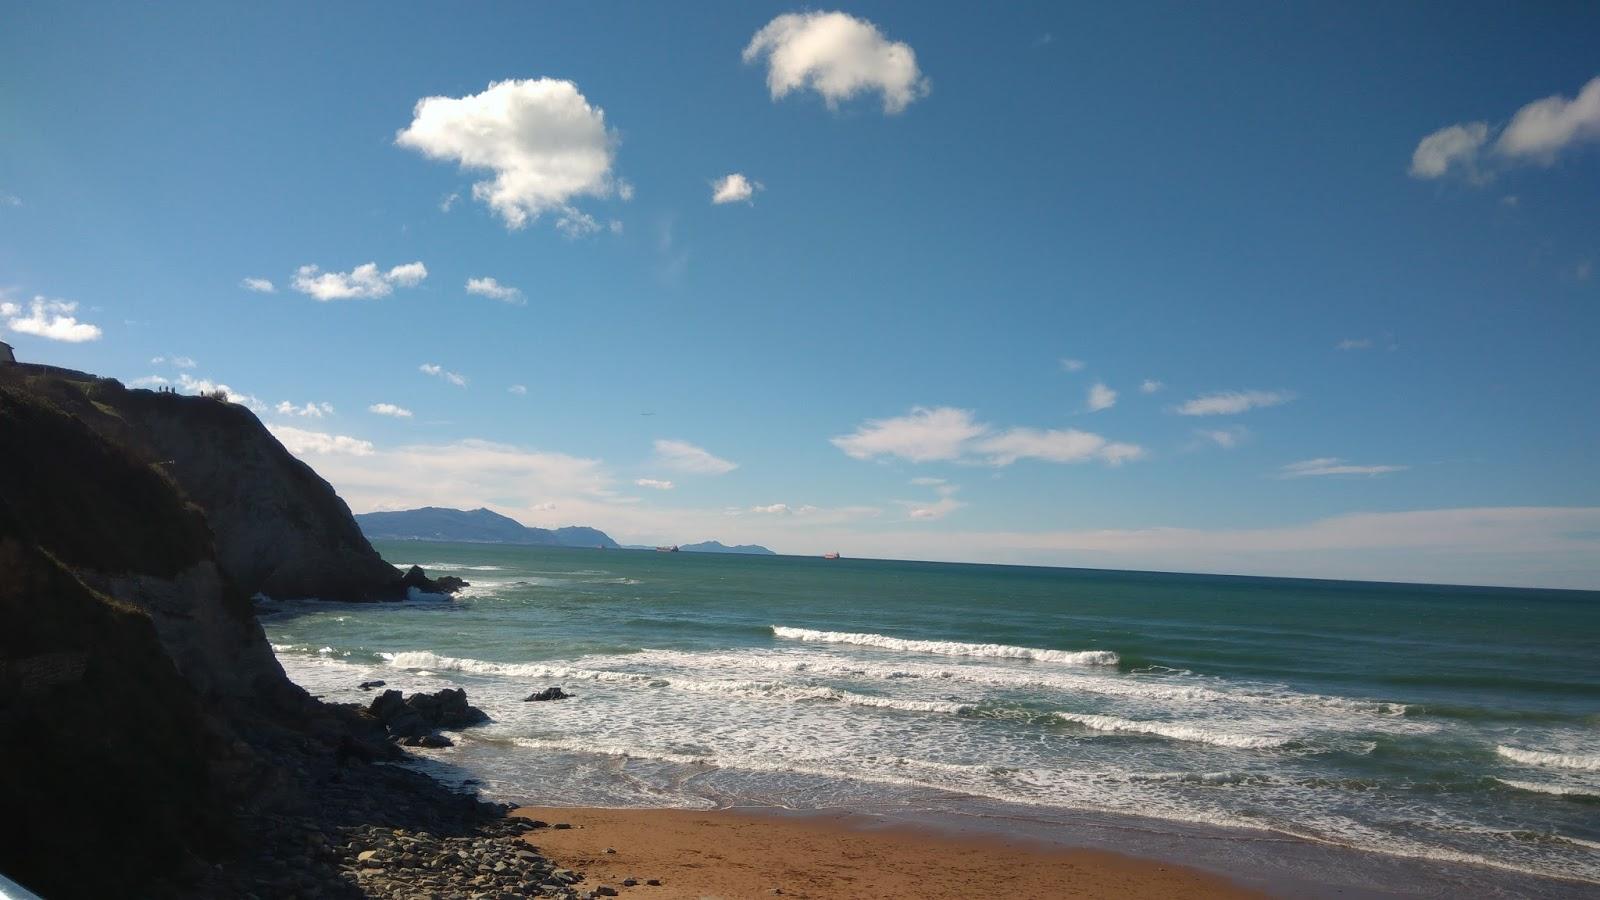 Plaża w Bilbao przy słonecznej pogodzie